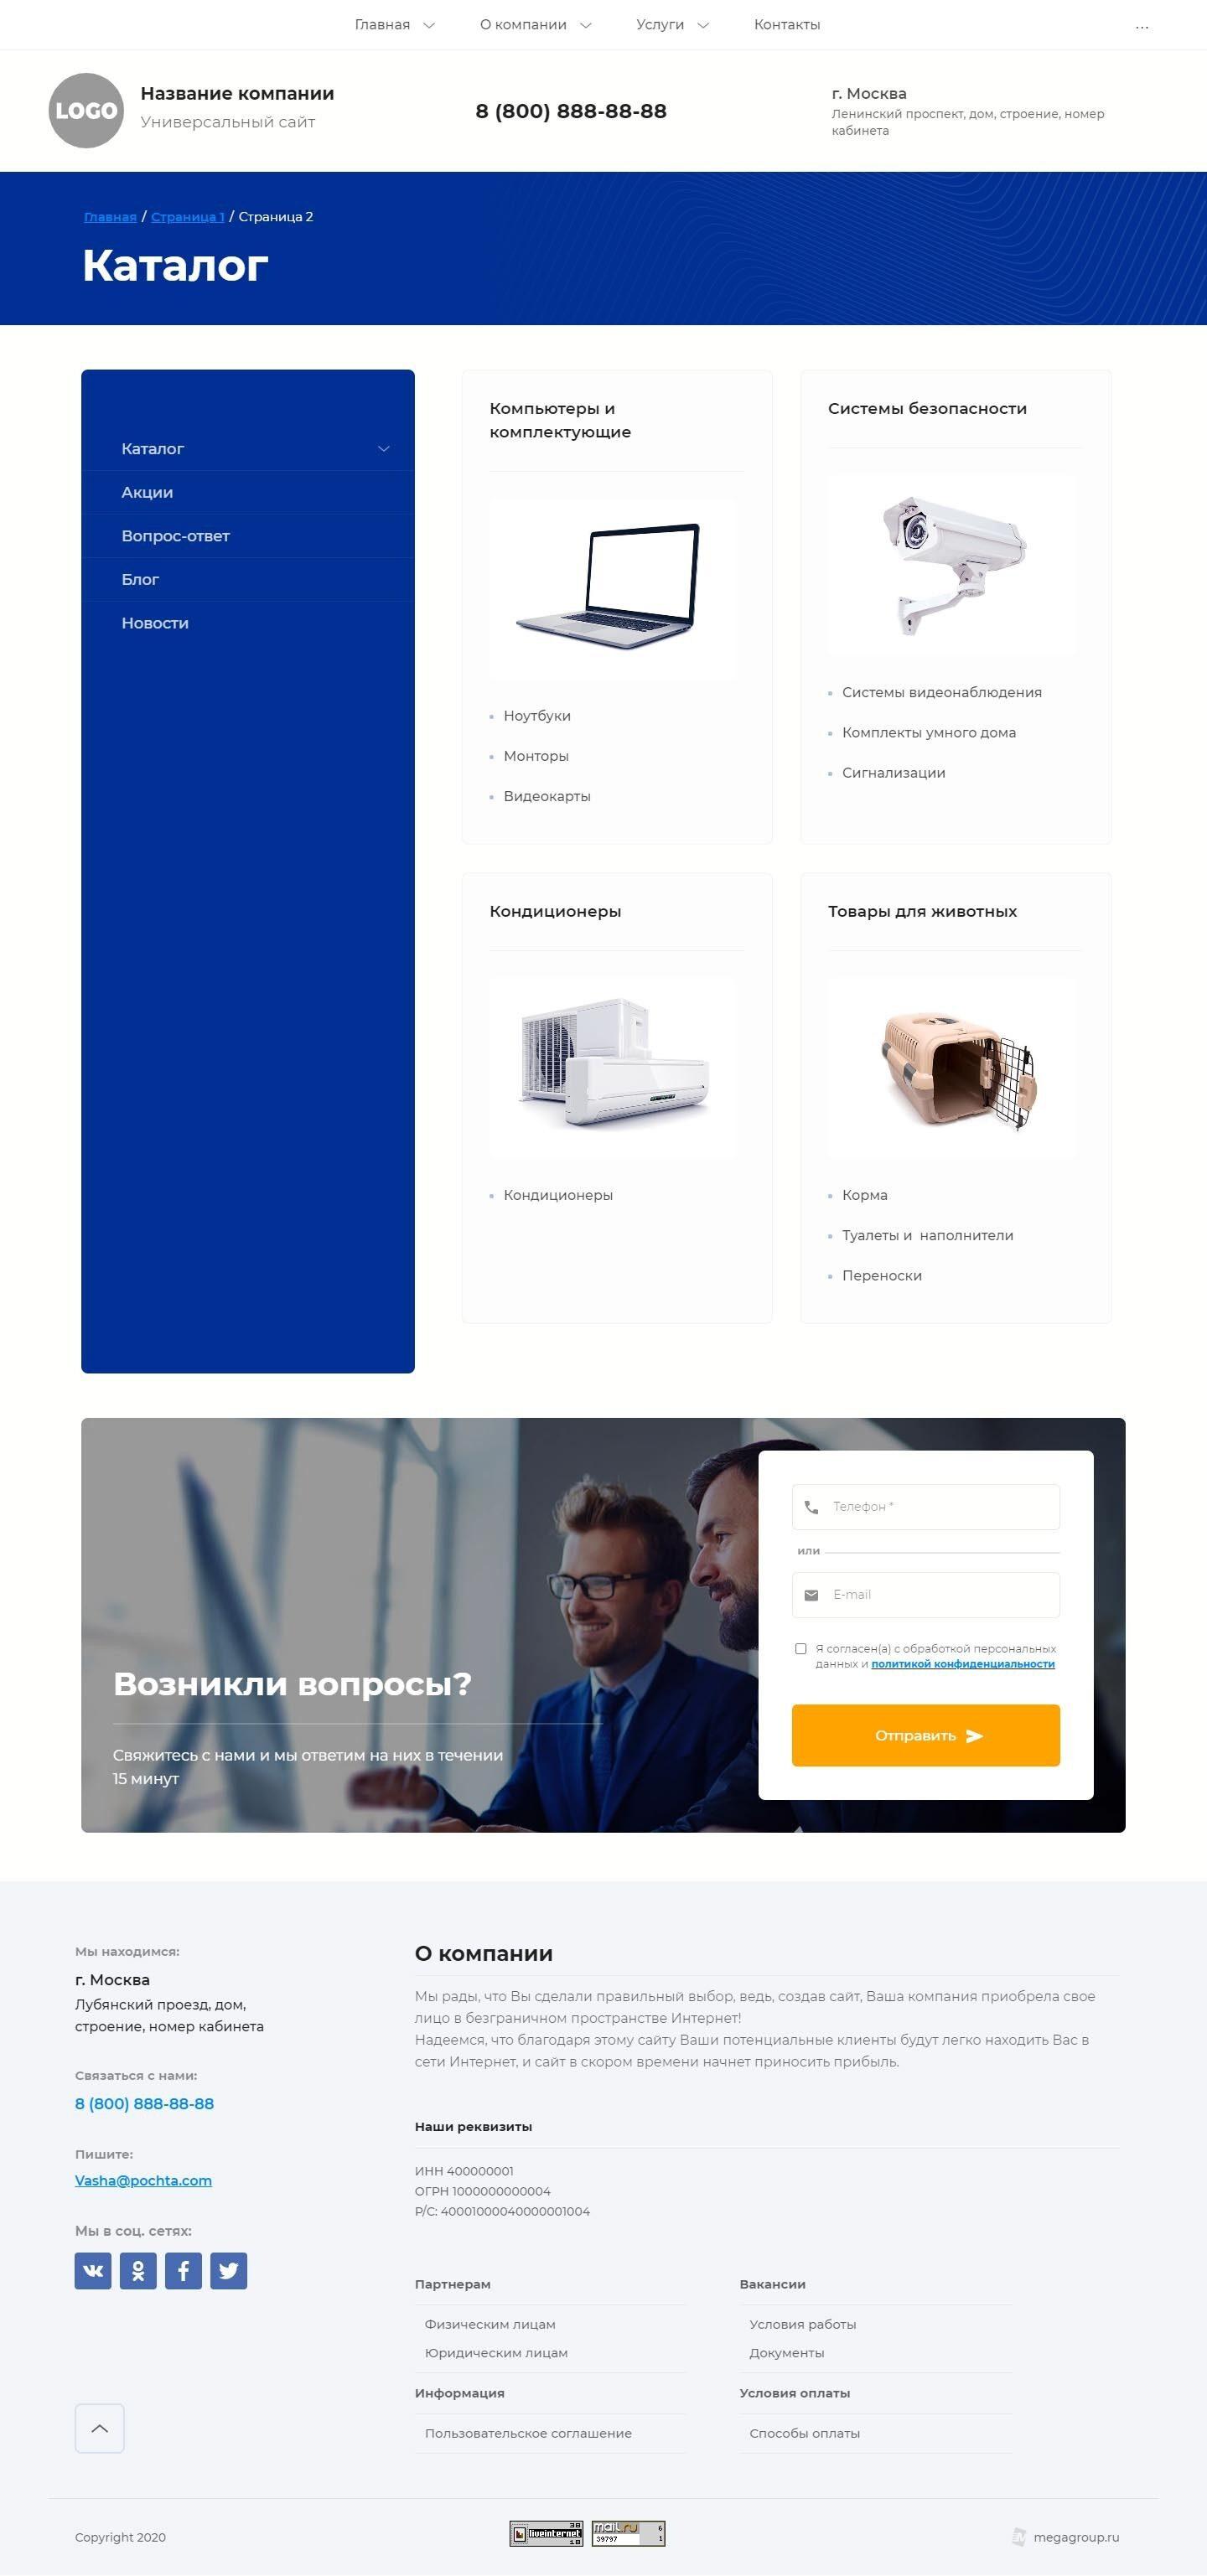 Готовый Сайт-Бизнес № 2908149 - Универсальный дизайн (Каталог)